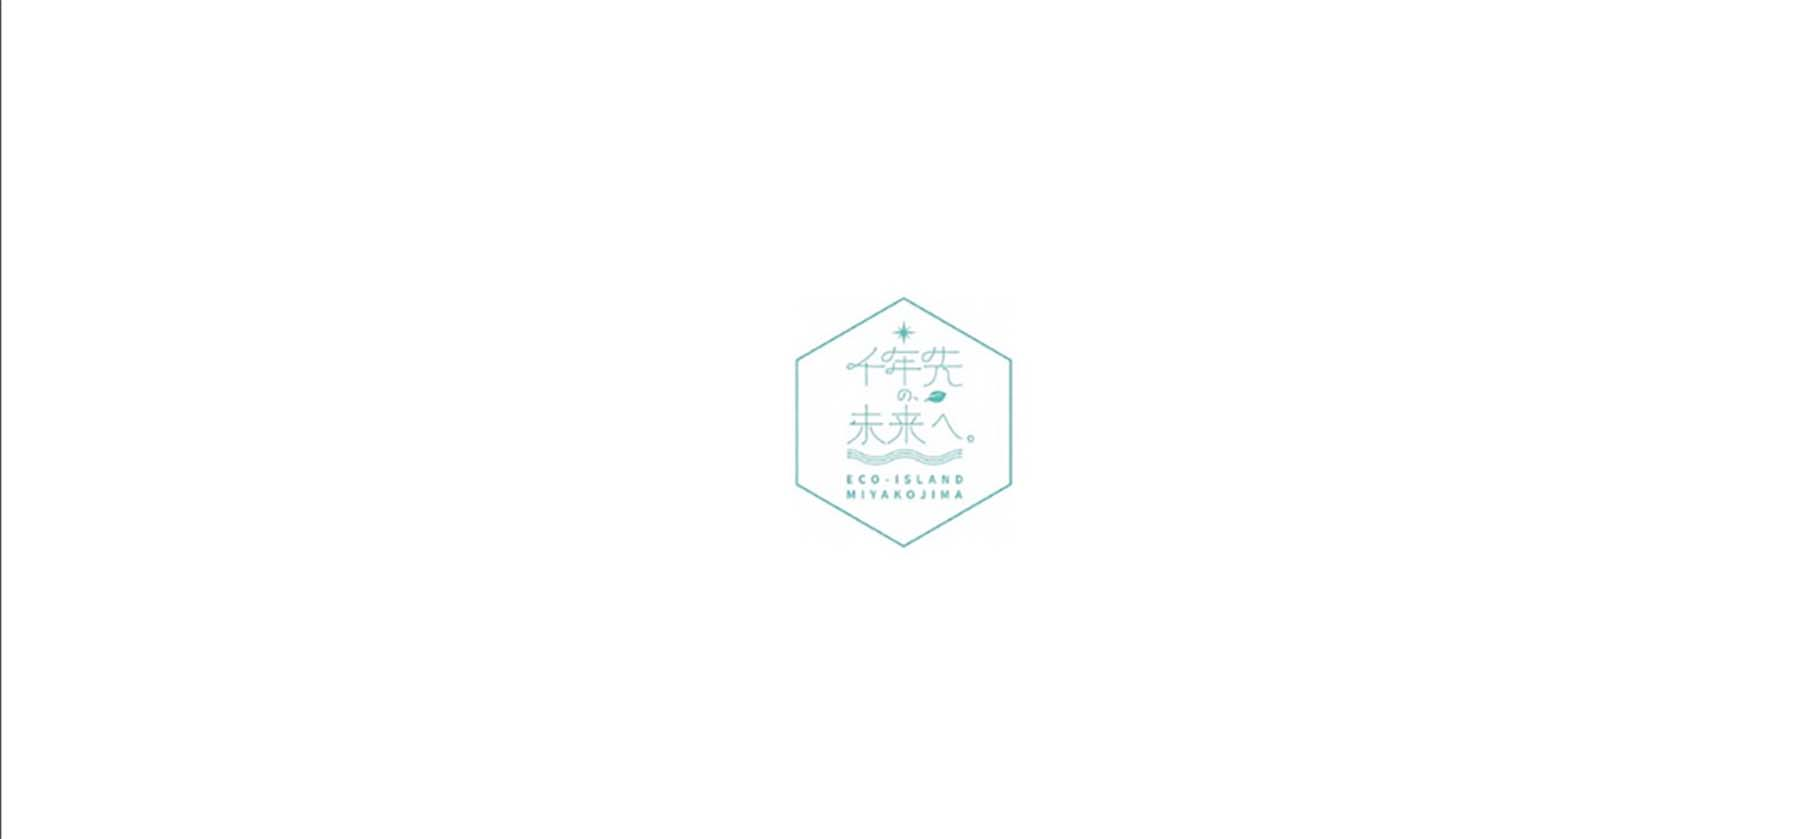 【10月千年祭関連イベント告知】せんねんシネマ&トーク&ミーティング